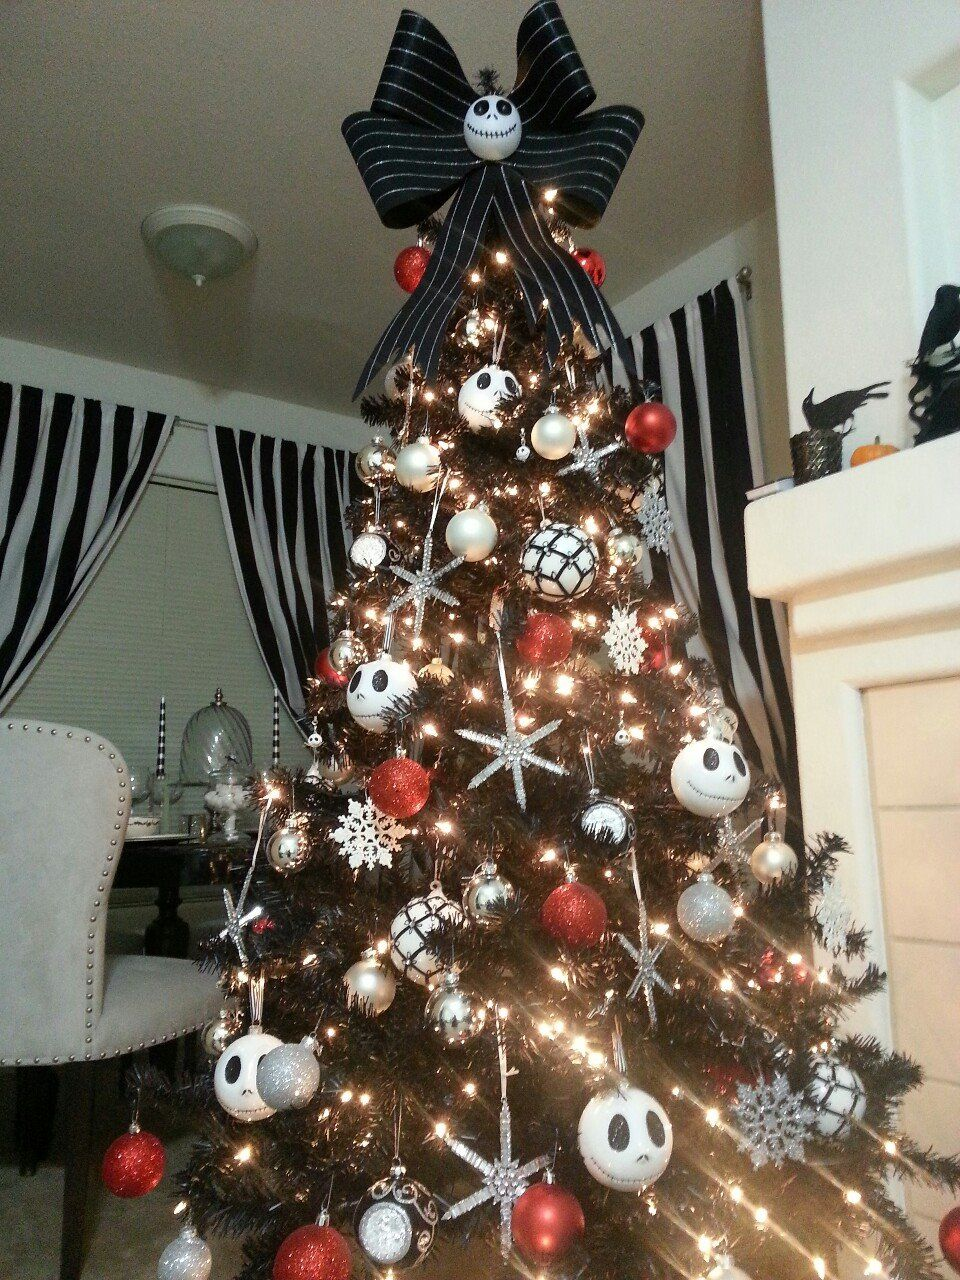 Nightmare Before Christmas Tree Nightmare Before Christmas Tree Nightmare Before Christmas Decorations Disney Christmas Tree